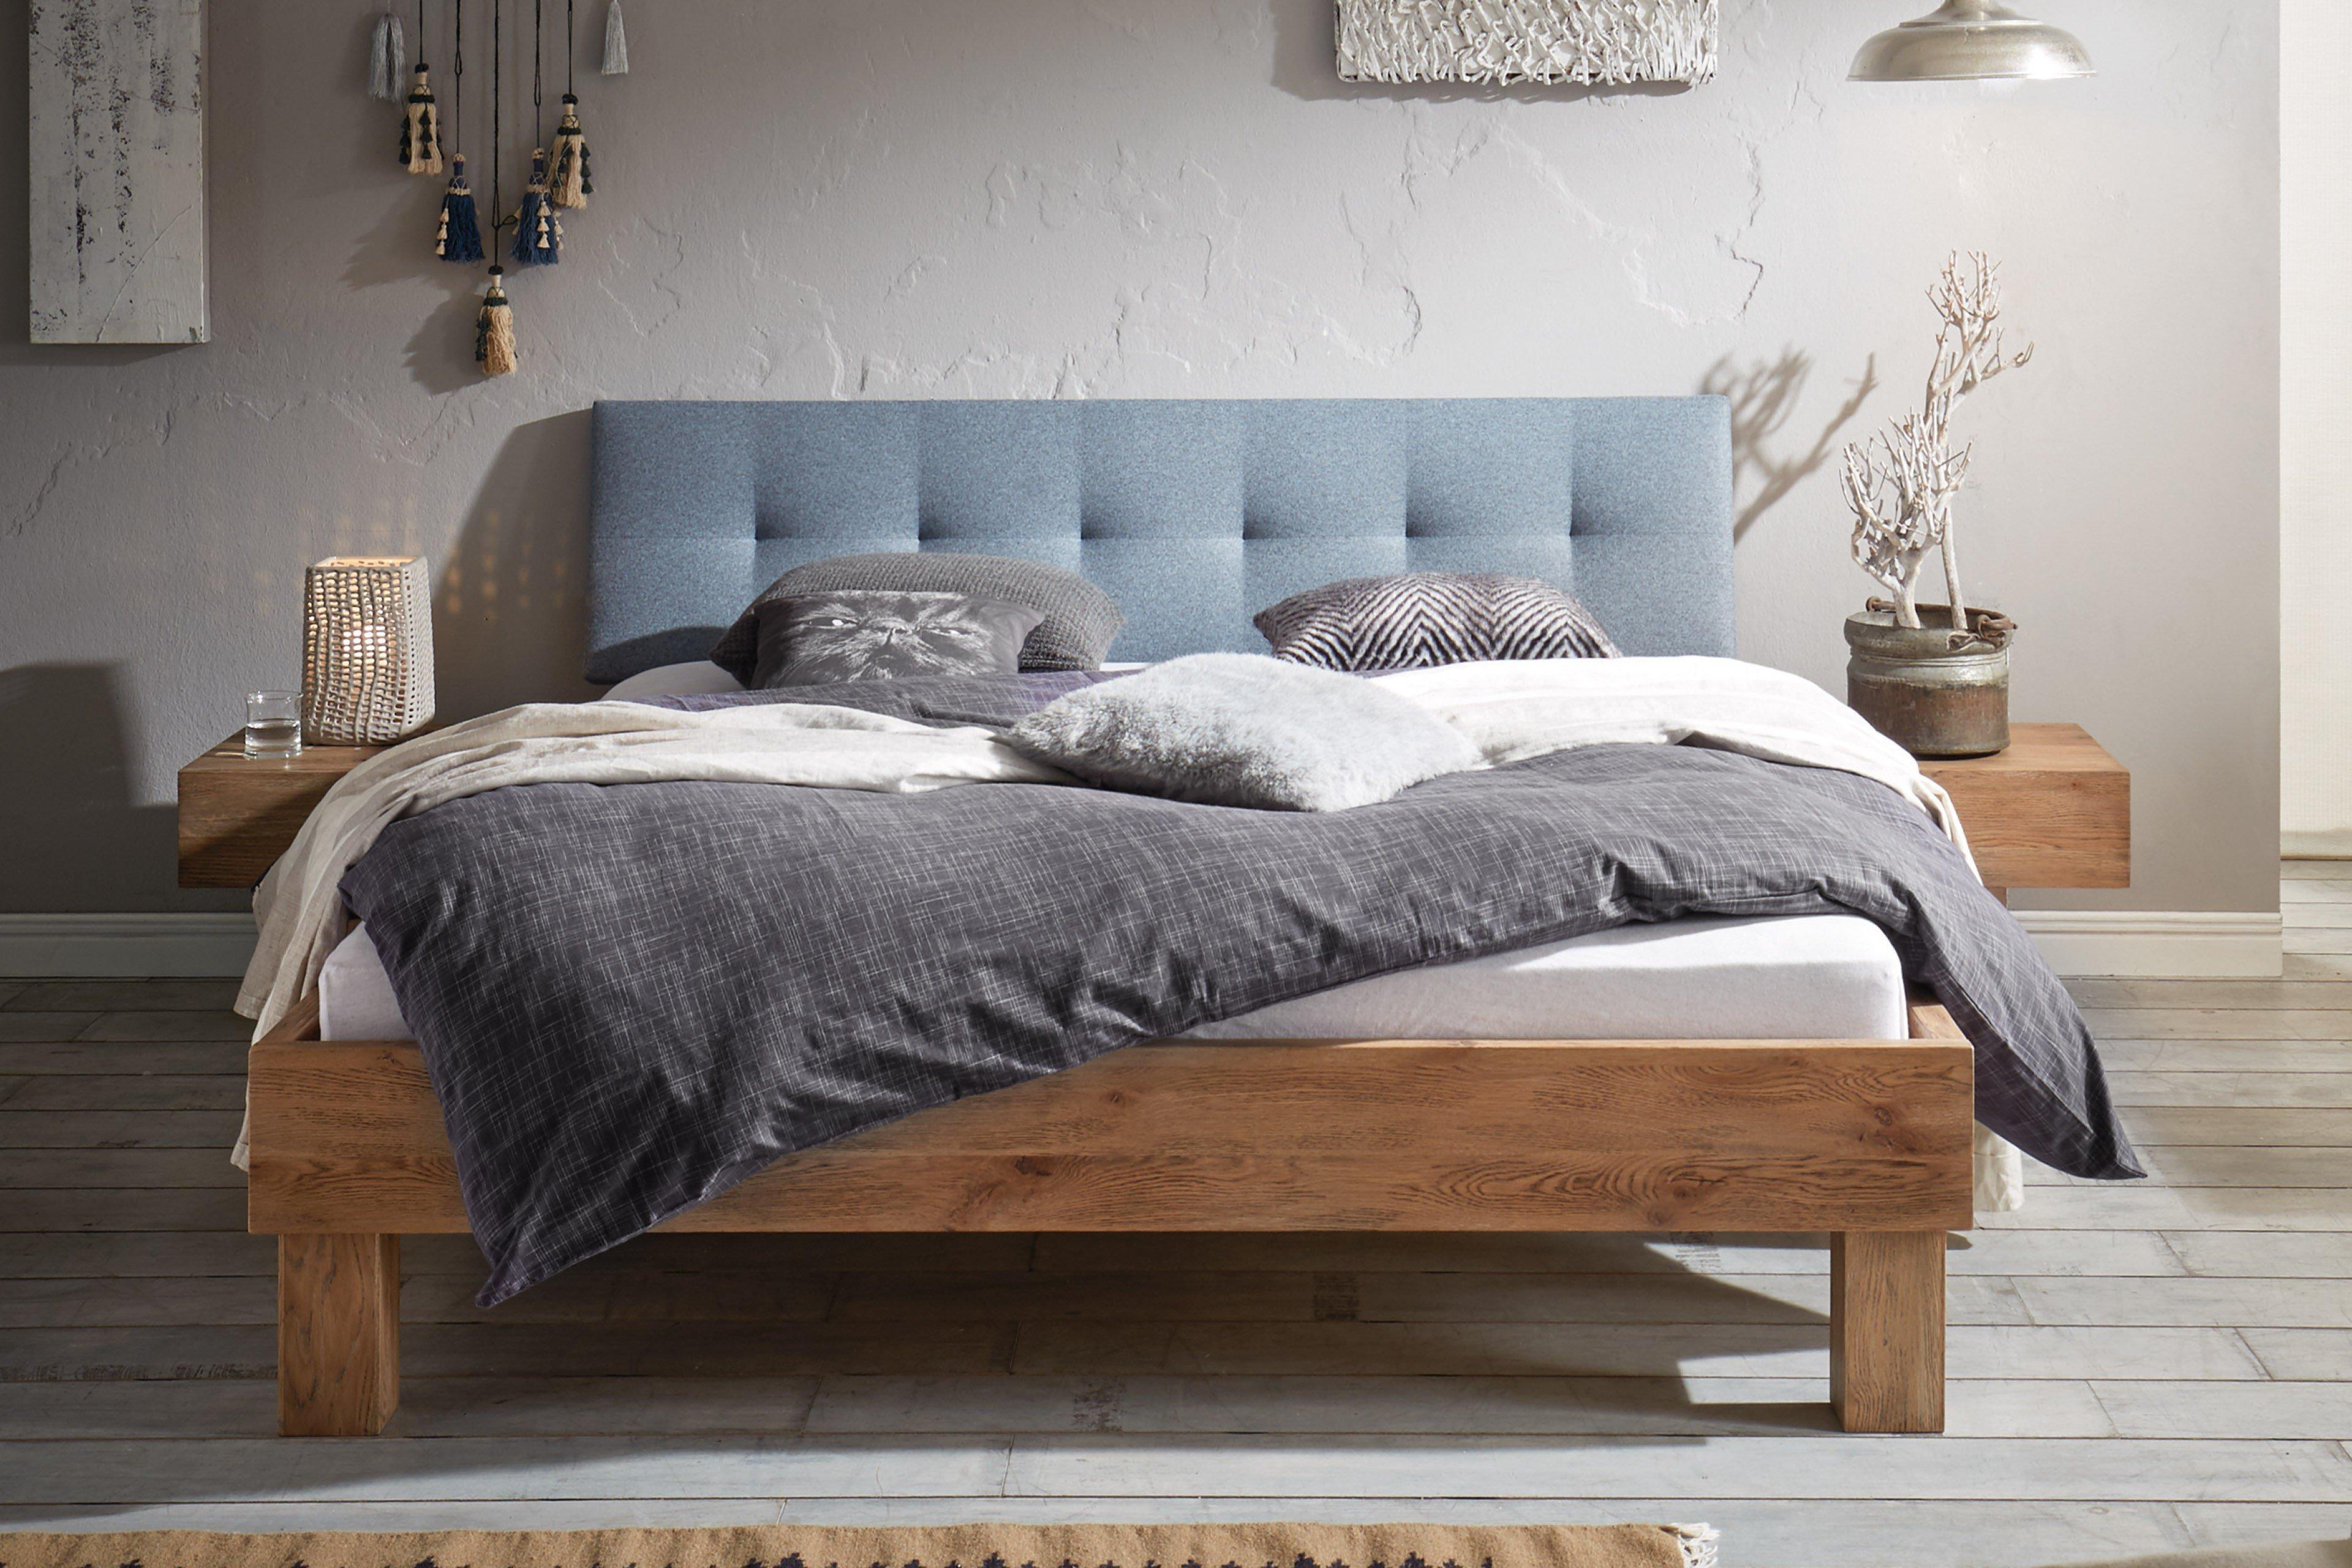 hasena oak vintage bett ivio wildeiche m bel letz ihr online shop. Black Bedroom Furniture Sets. Home Design Ideas